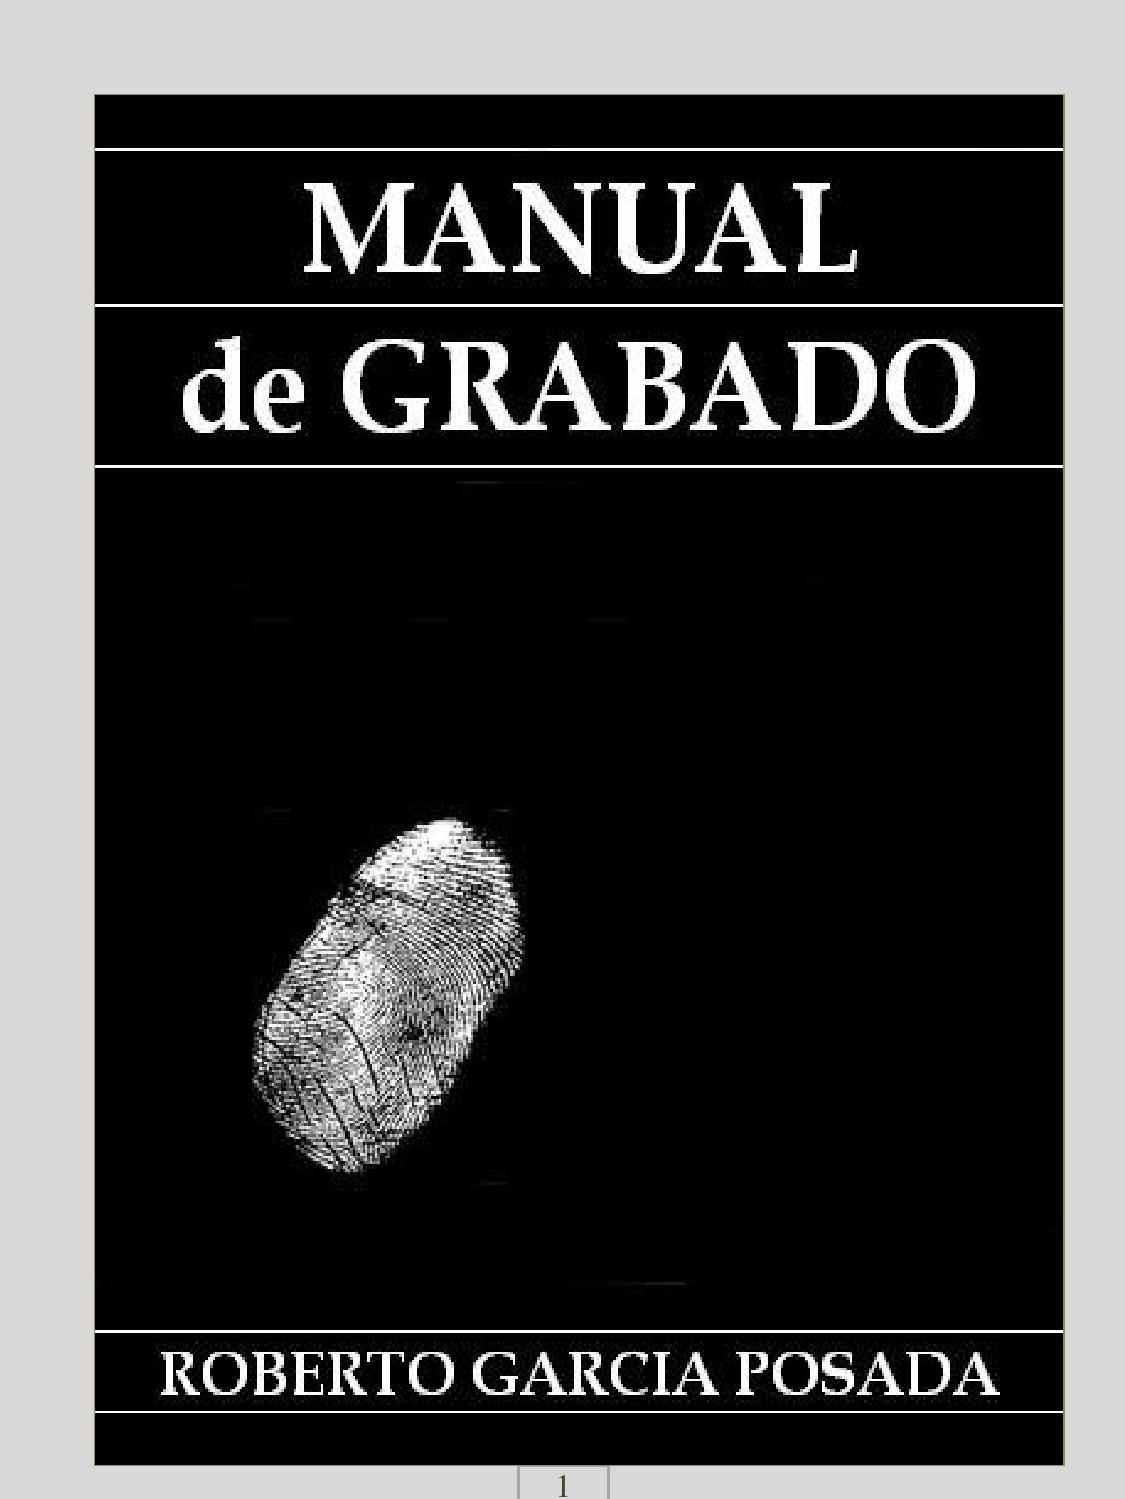 Manual de grabado by RGARCIA - issuu